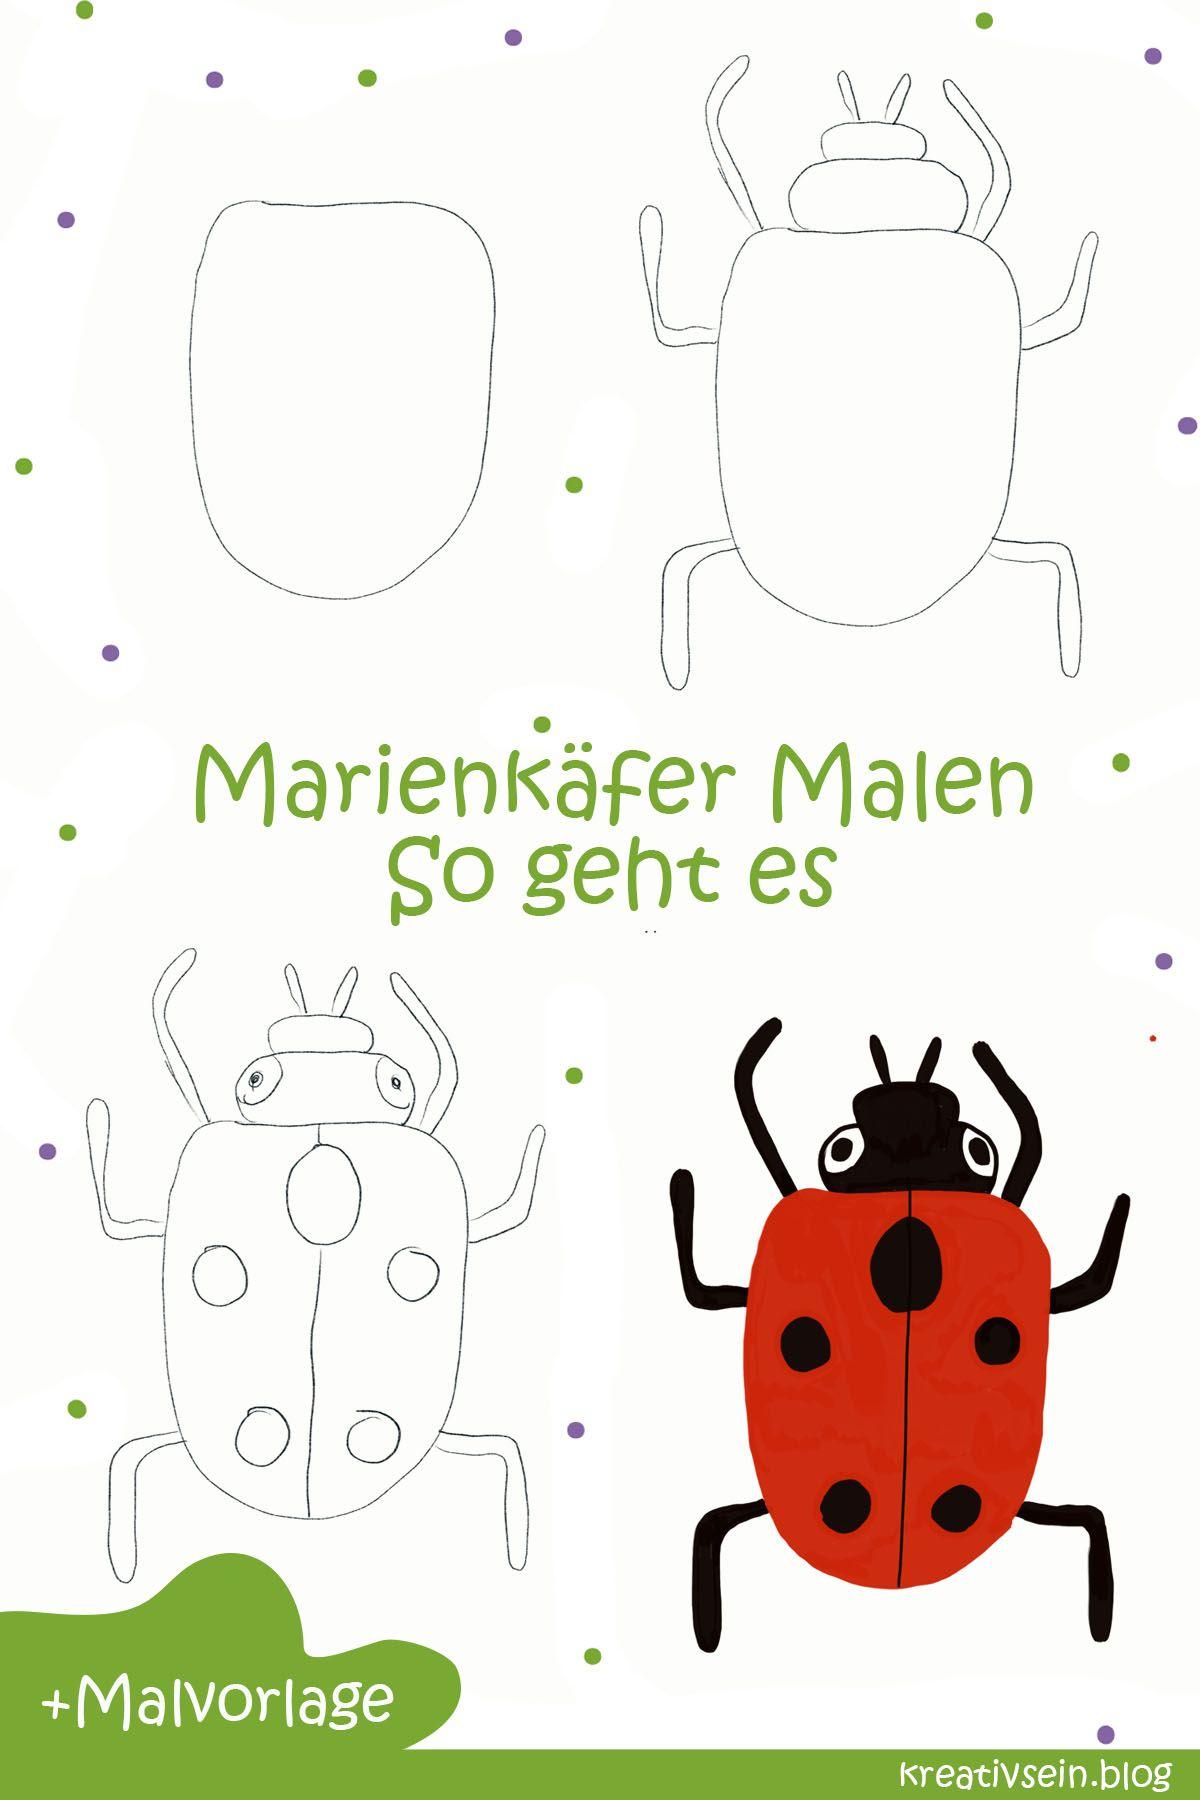 Marienkafer Malen Und Ausmalen Fur Gluckskinder Kreativsein Blog Ausmalen Malen Kostenlose Ausmalbilder